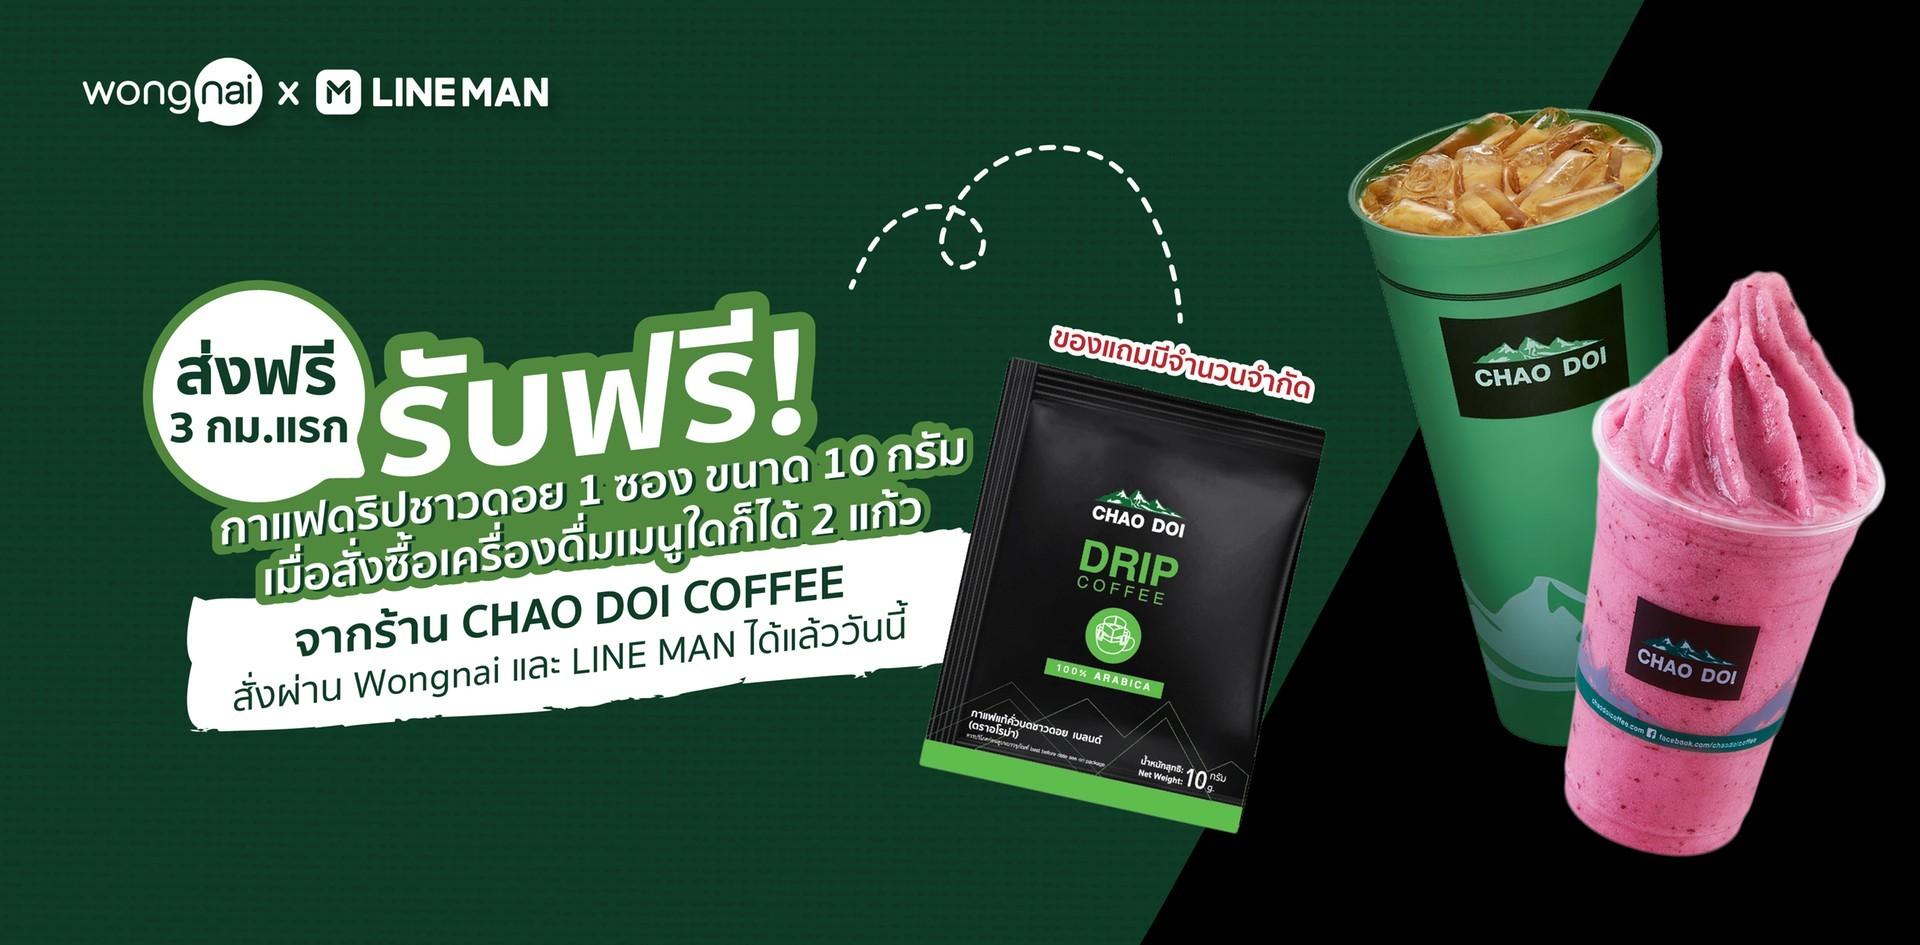 Chao Doi Coffee